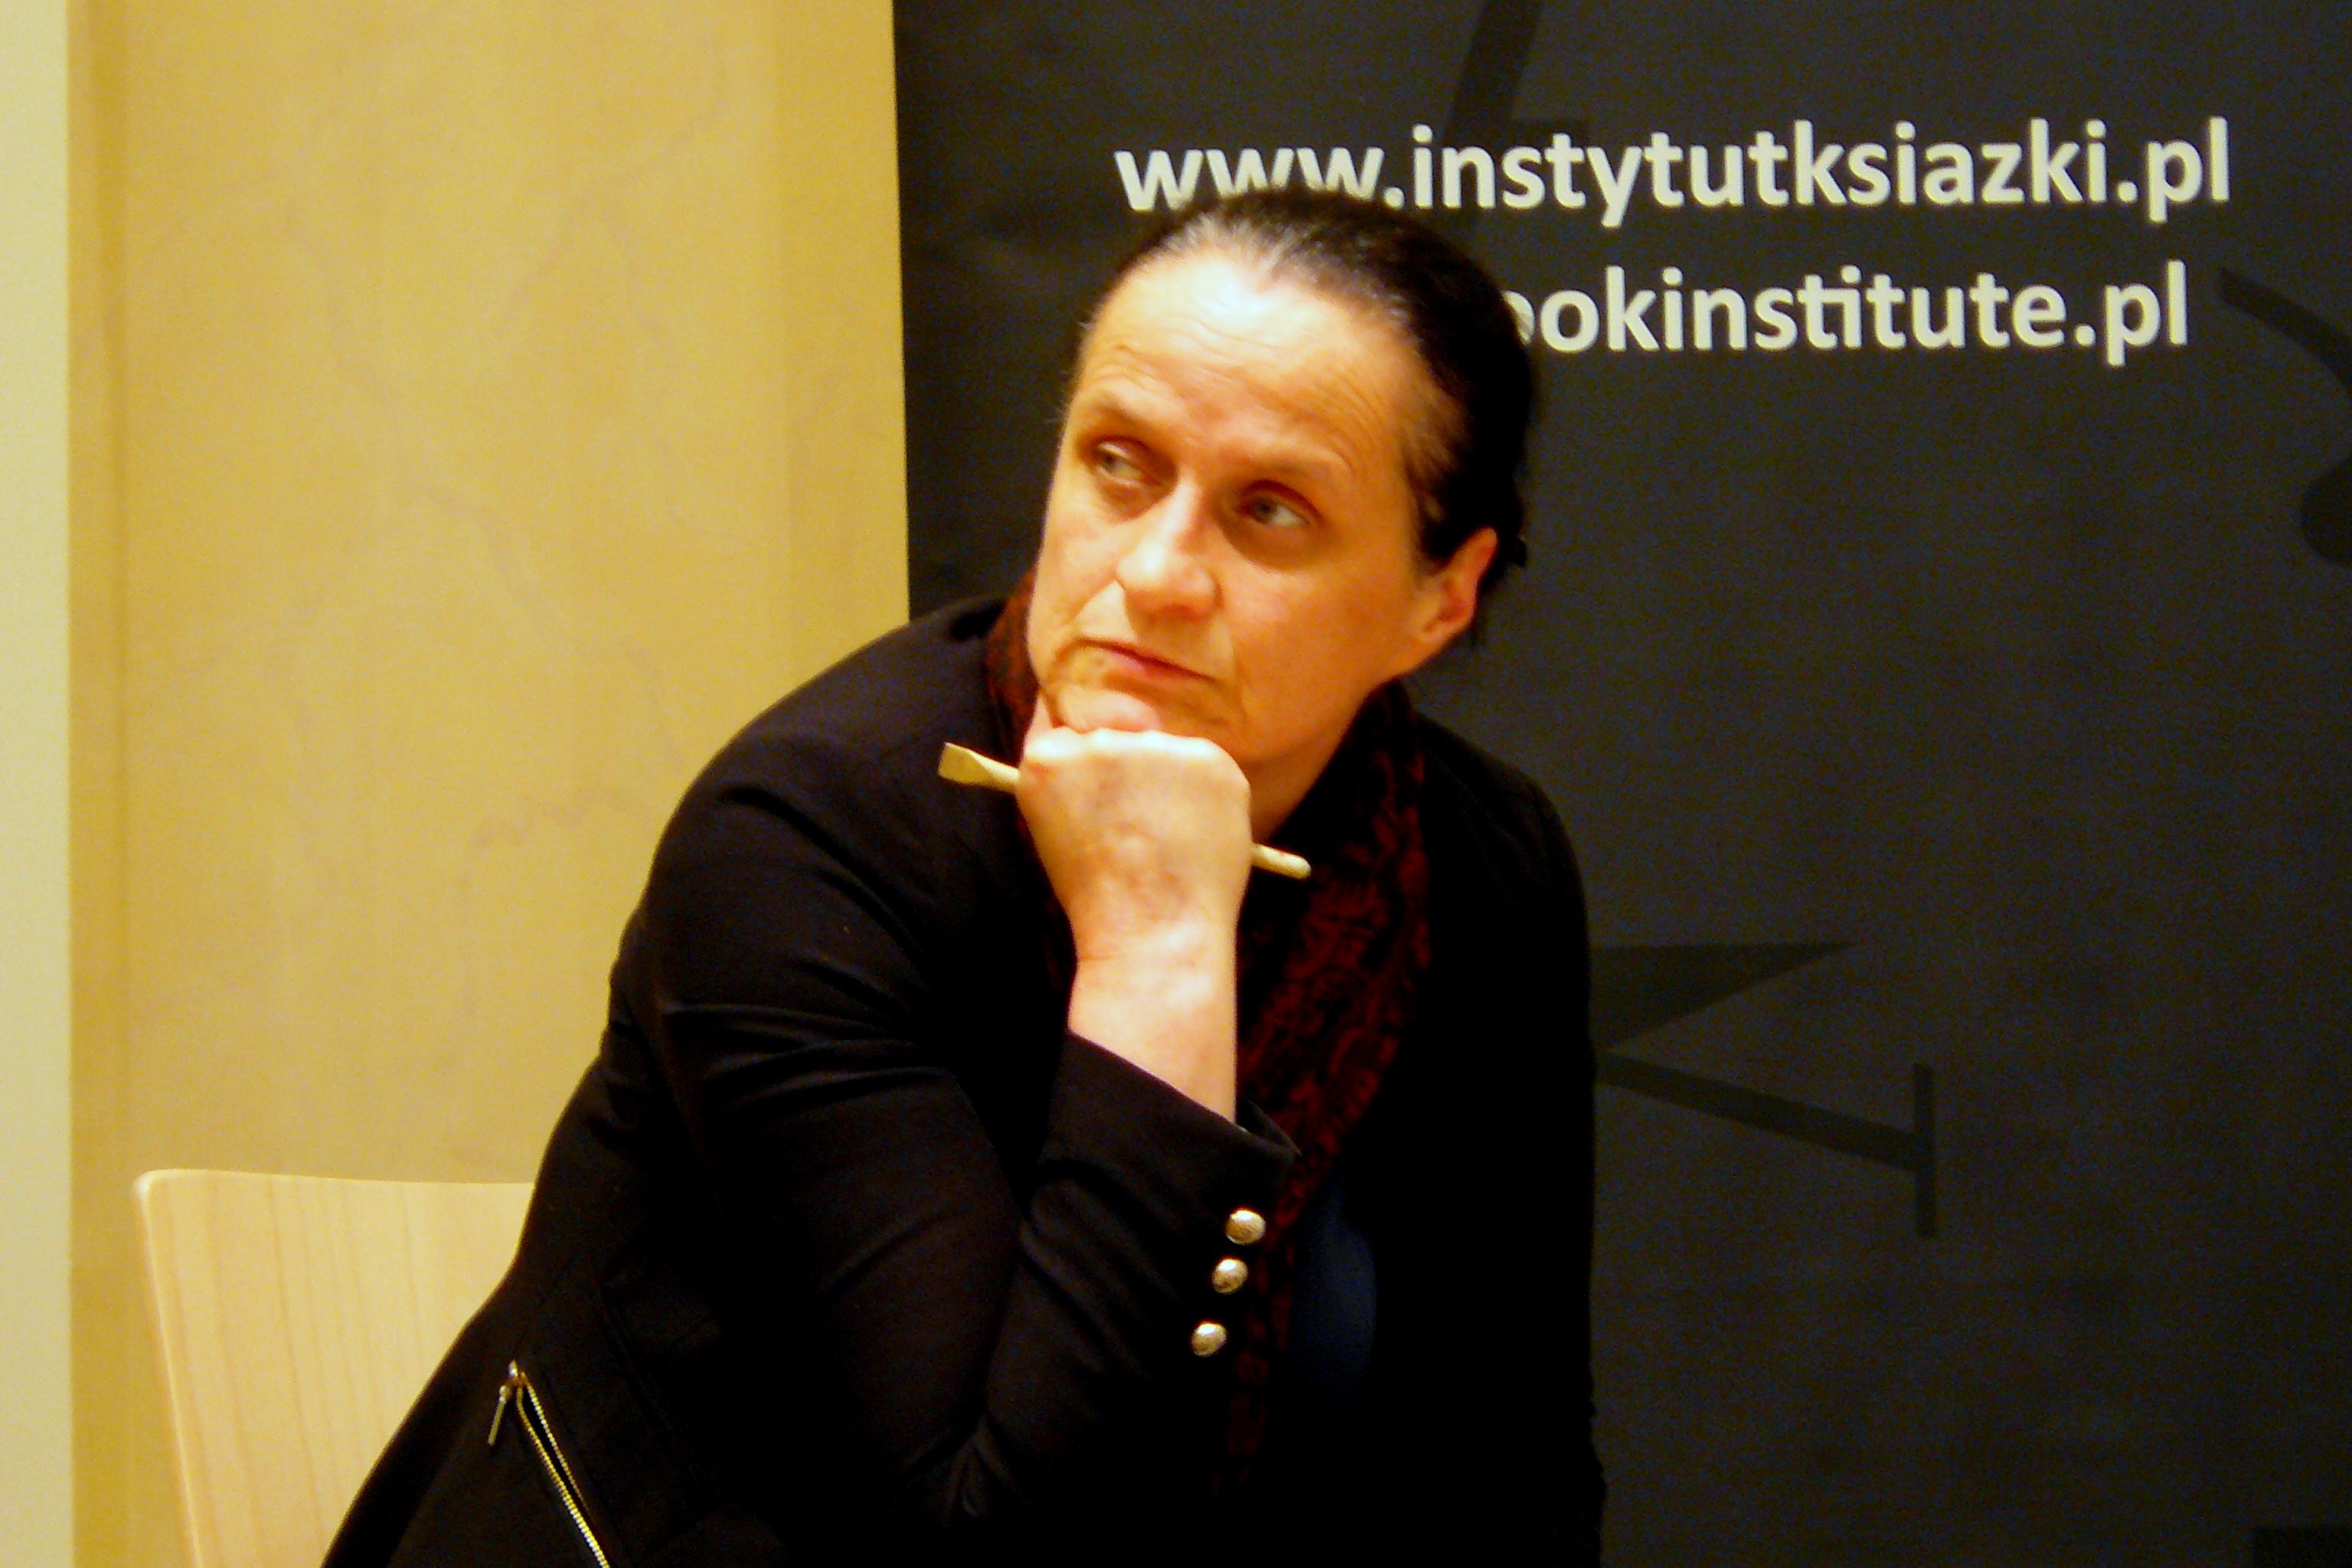 <div class='inner-box'><div class='close-desc'></div><span class='opis'>Bogumiła Berdychowska podczas promocji swej książki &bdquo;Kultura - Ukraina. Zamiłowanie do spraw beznadziejnych - Ukraina w &gt;Kulturze&lt; 1947-2000&rdquo;. Międzynarodowe Centrum Kultury, Krak&oacute;w, kwiecień 2016 r.</span><div class='clearfix'></div><span>Sygn. sm00273</span><div class='clearfix'></div><span class='autor'>fot. Stanisław Mancewicz</span><div class='clearfix'></div><span>&copy;Stanisław Mancewicz</span></div>